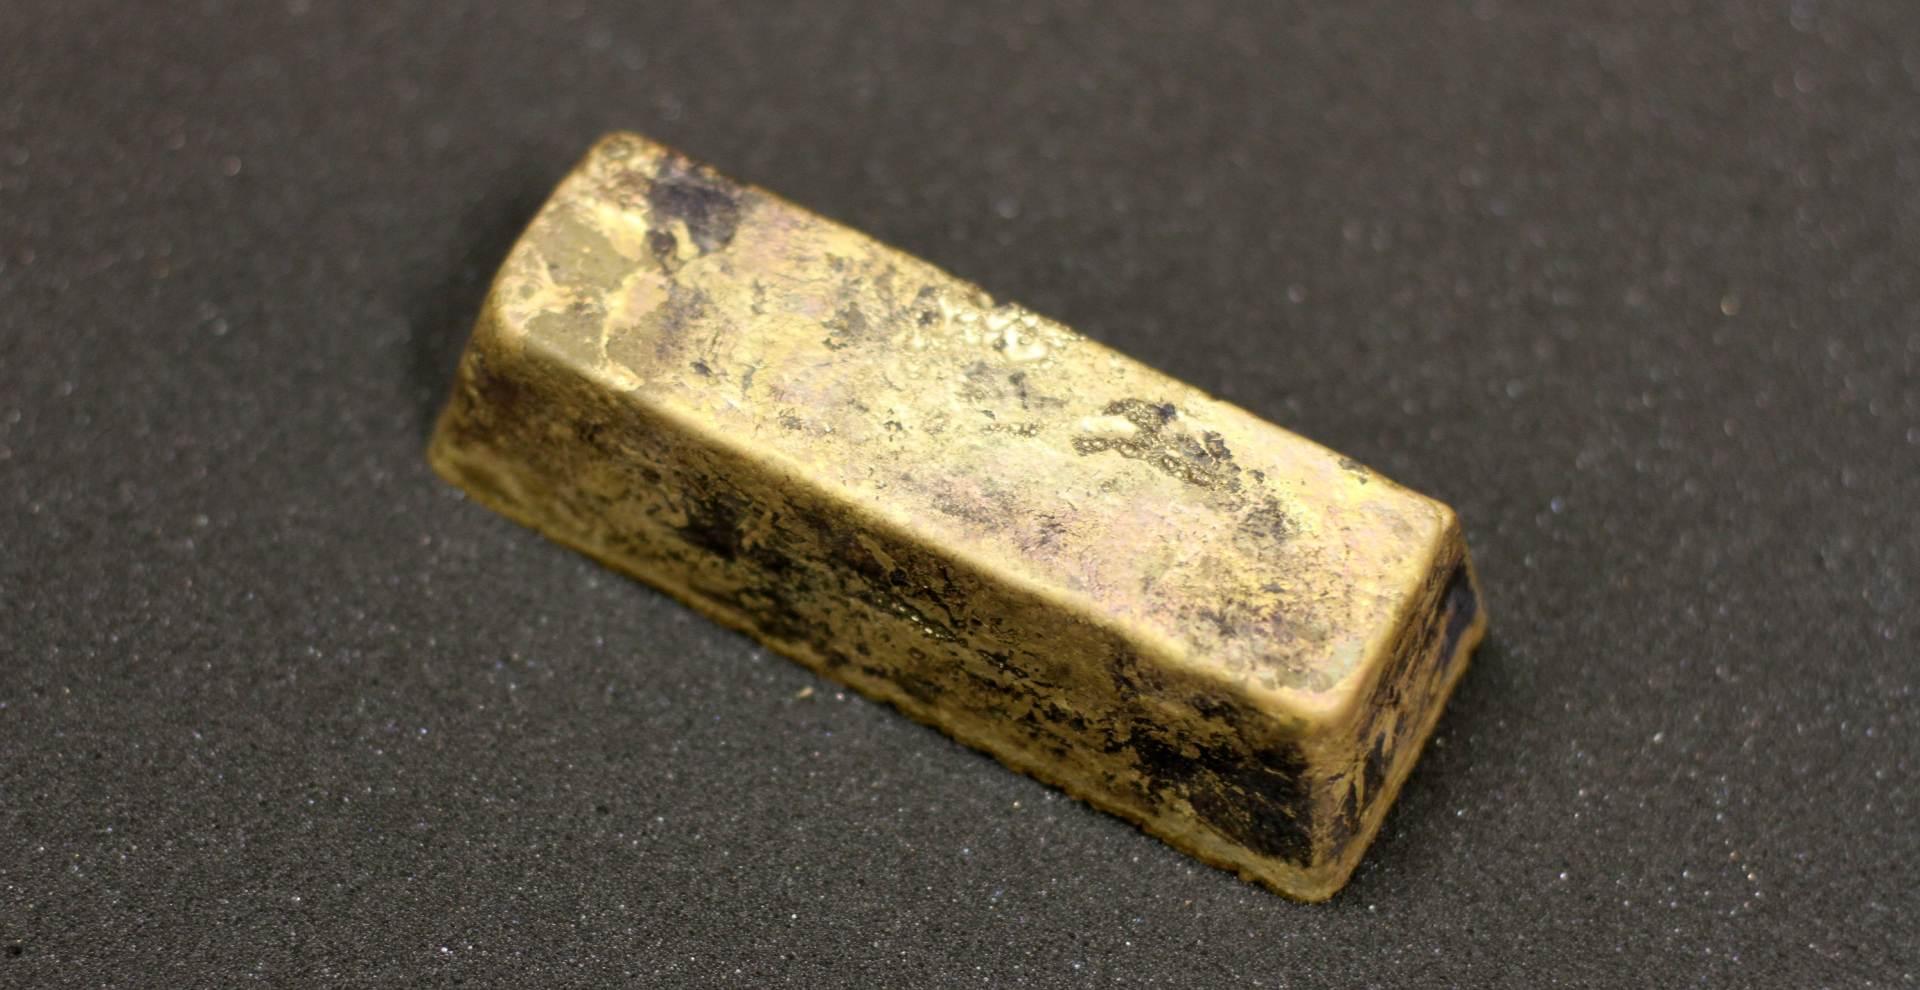 VELIKO NALAZIŠTE: Amerikanci u Srbiji otkrili ogromne količine zlata